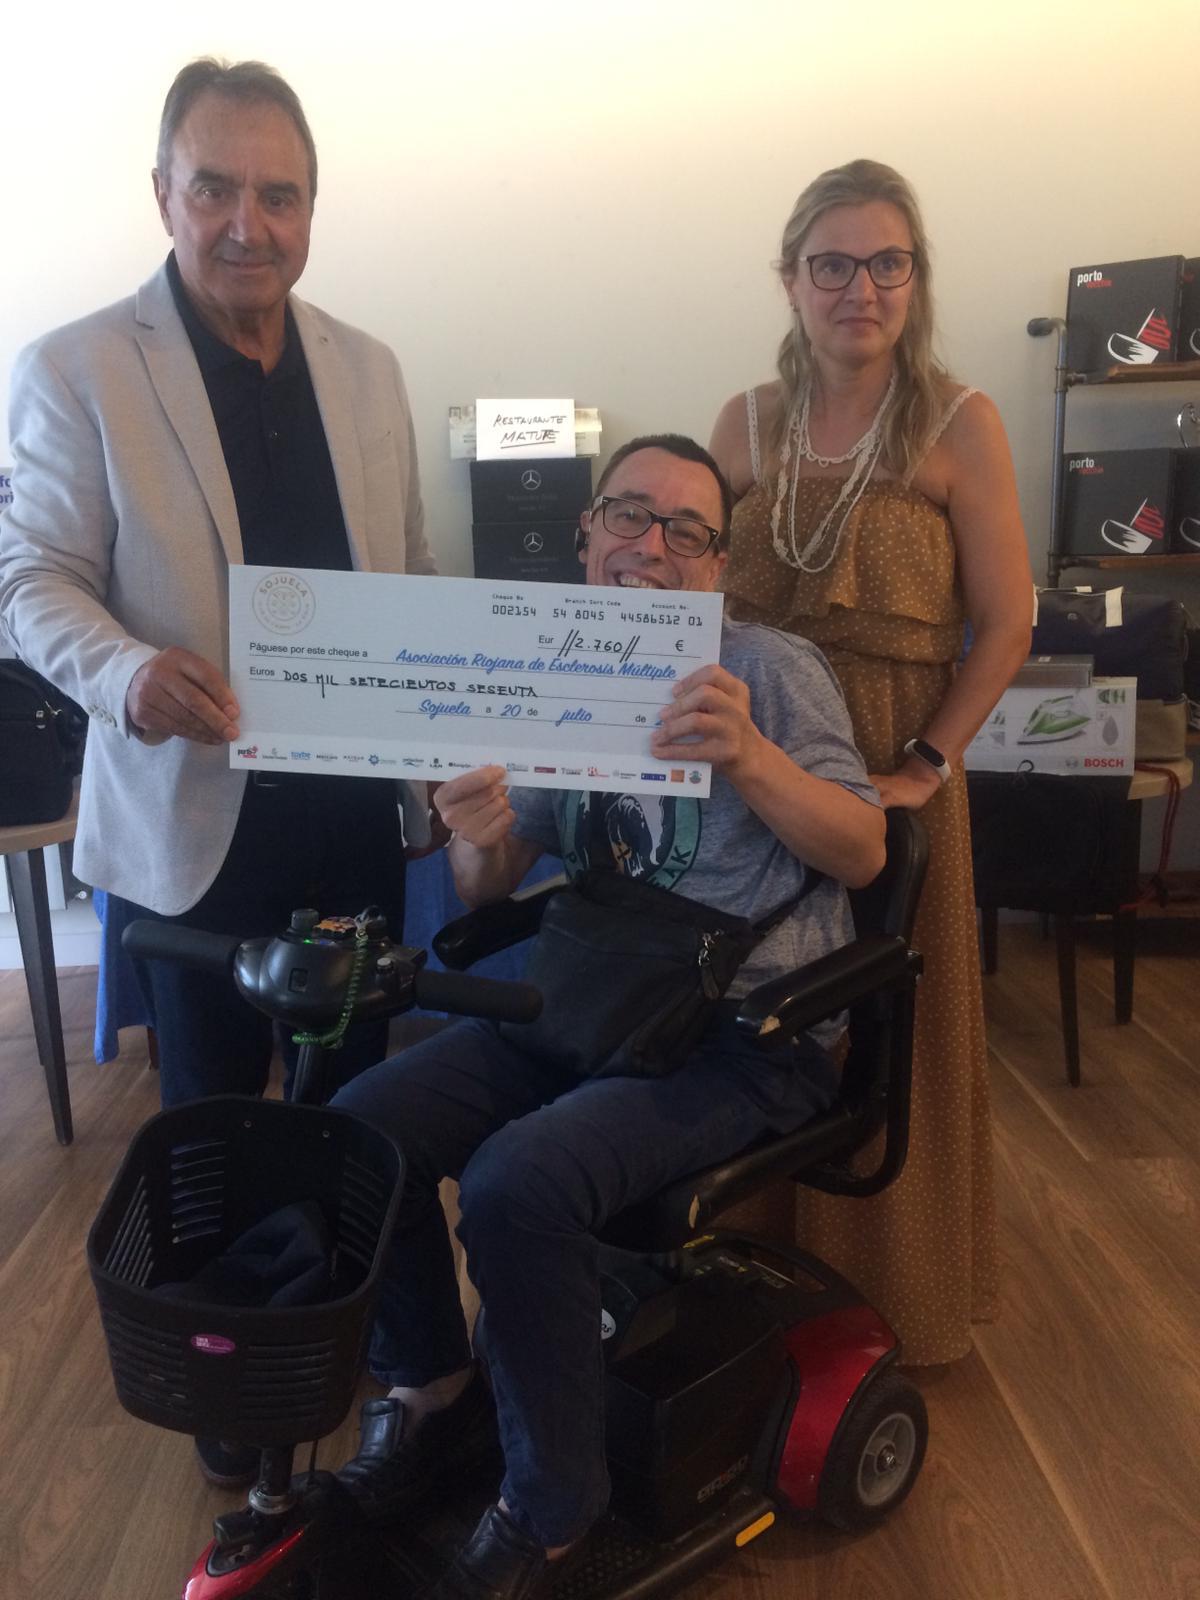 VII Torneo de Golg a beneficio de ARDEM – recaudacion